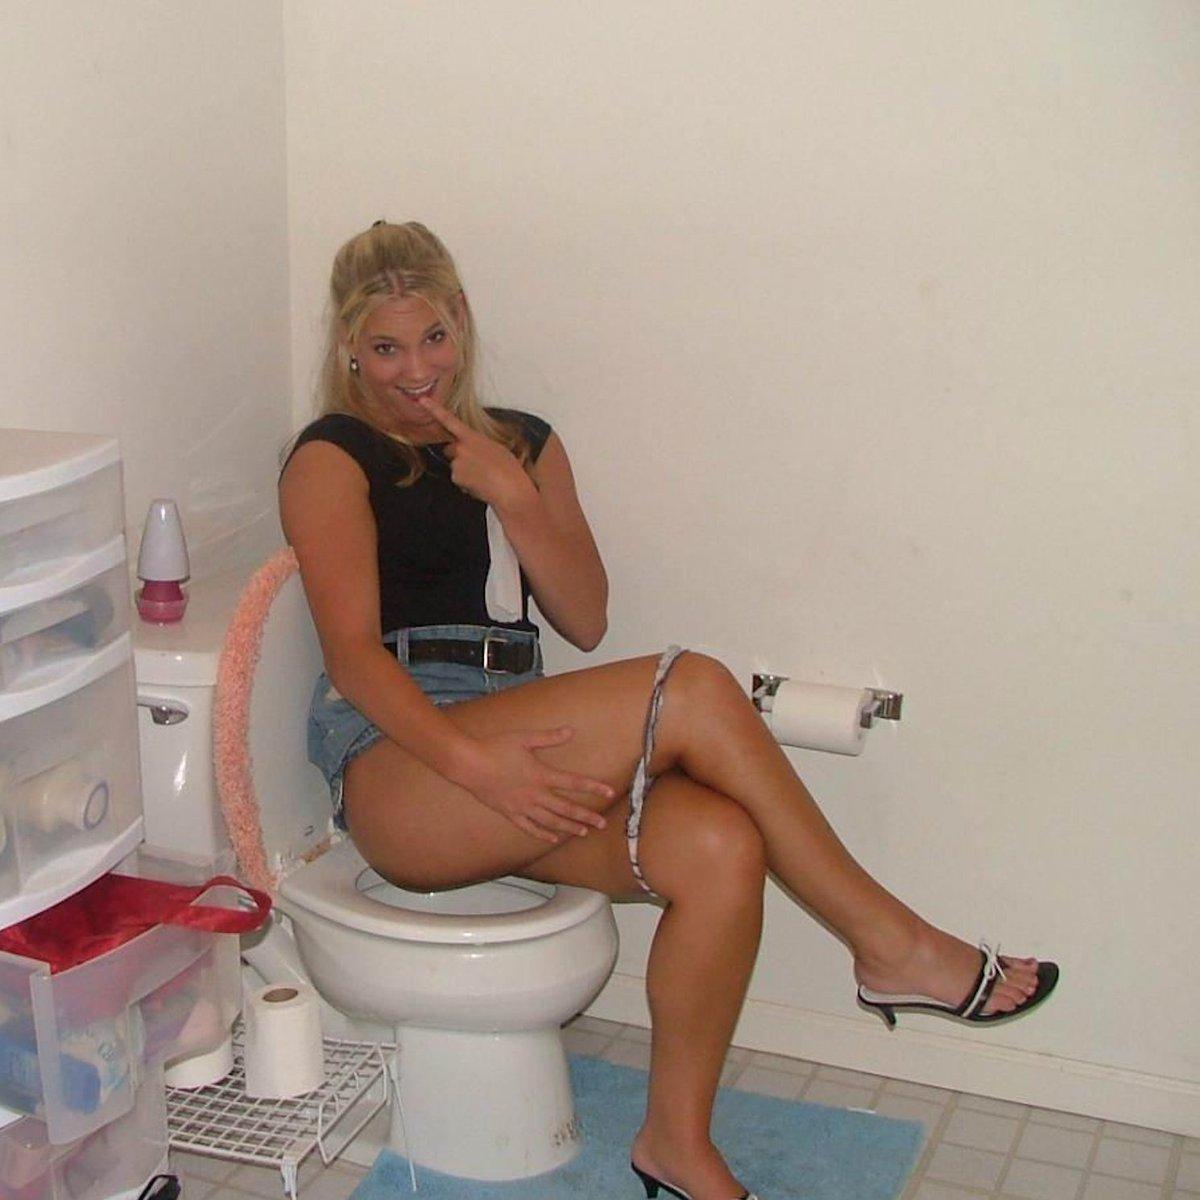 Community pee piss toilet type — img 3